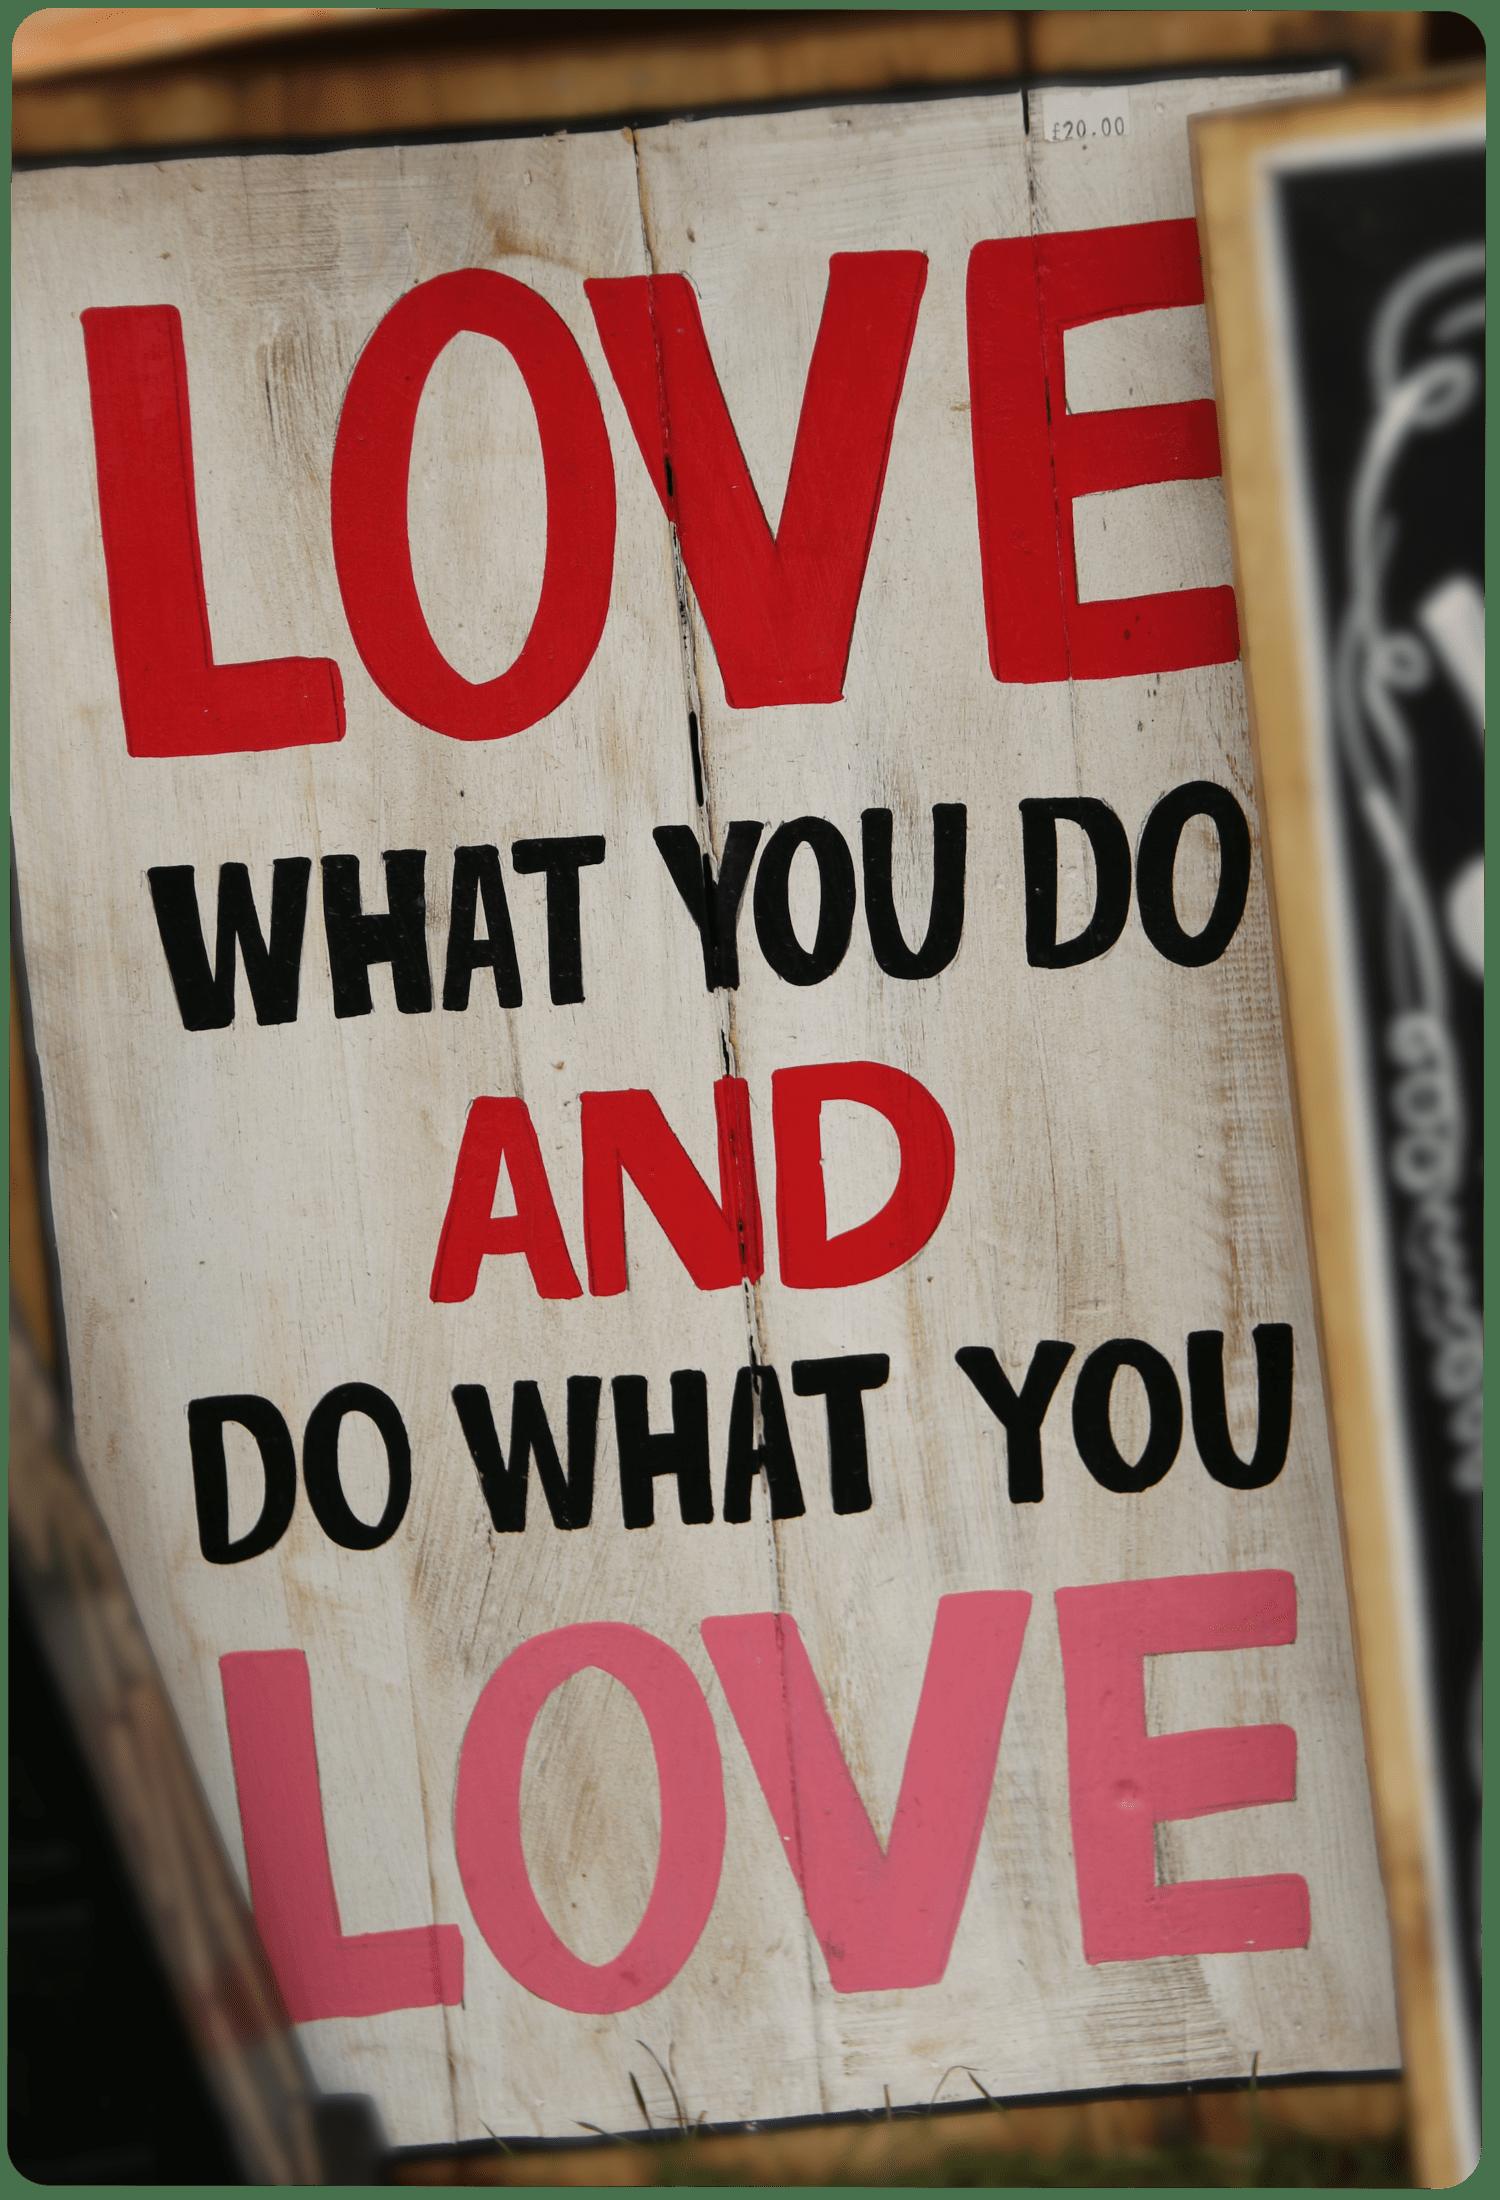 حب ما تعمل حتى تعمل ما تحب، فل مارك